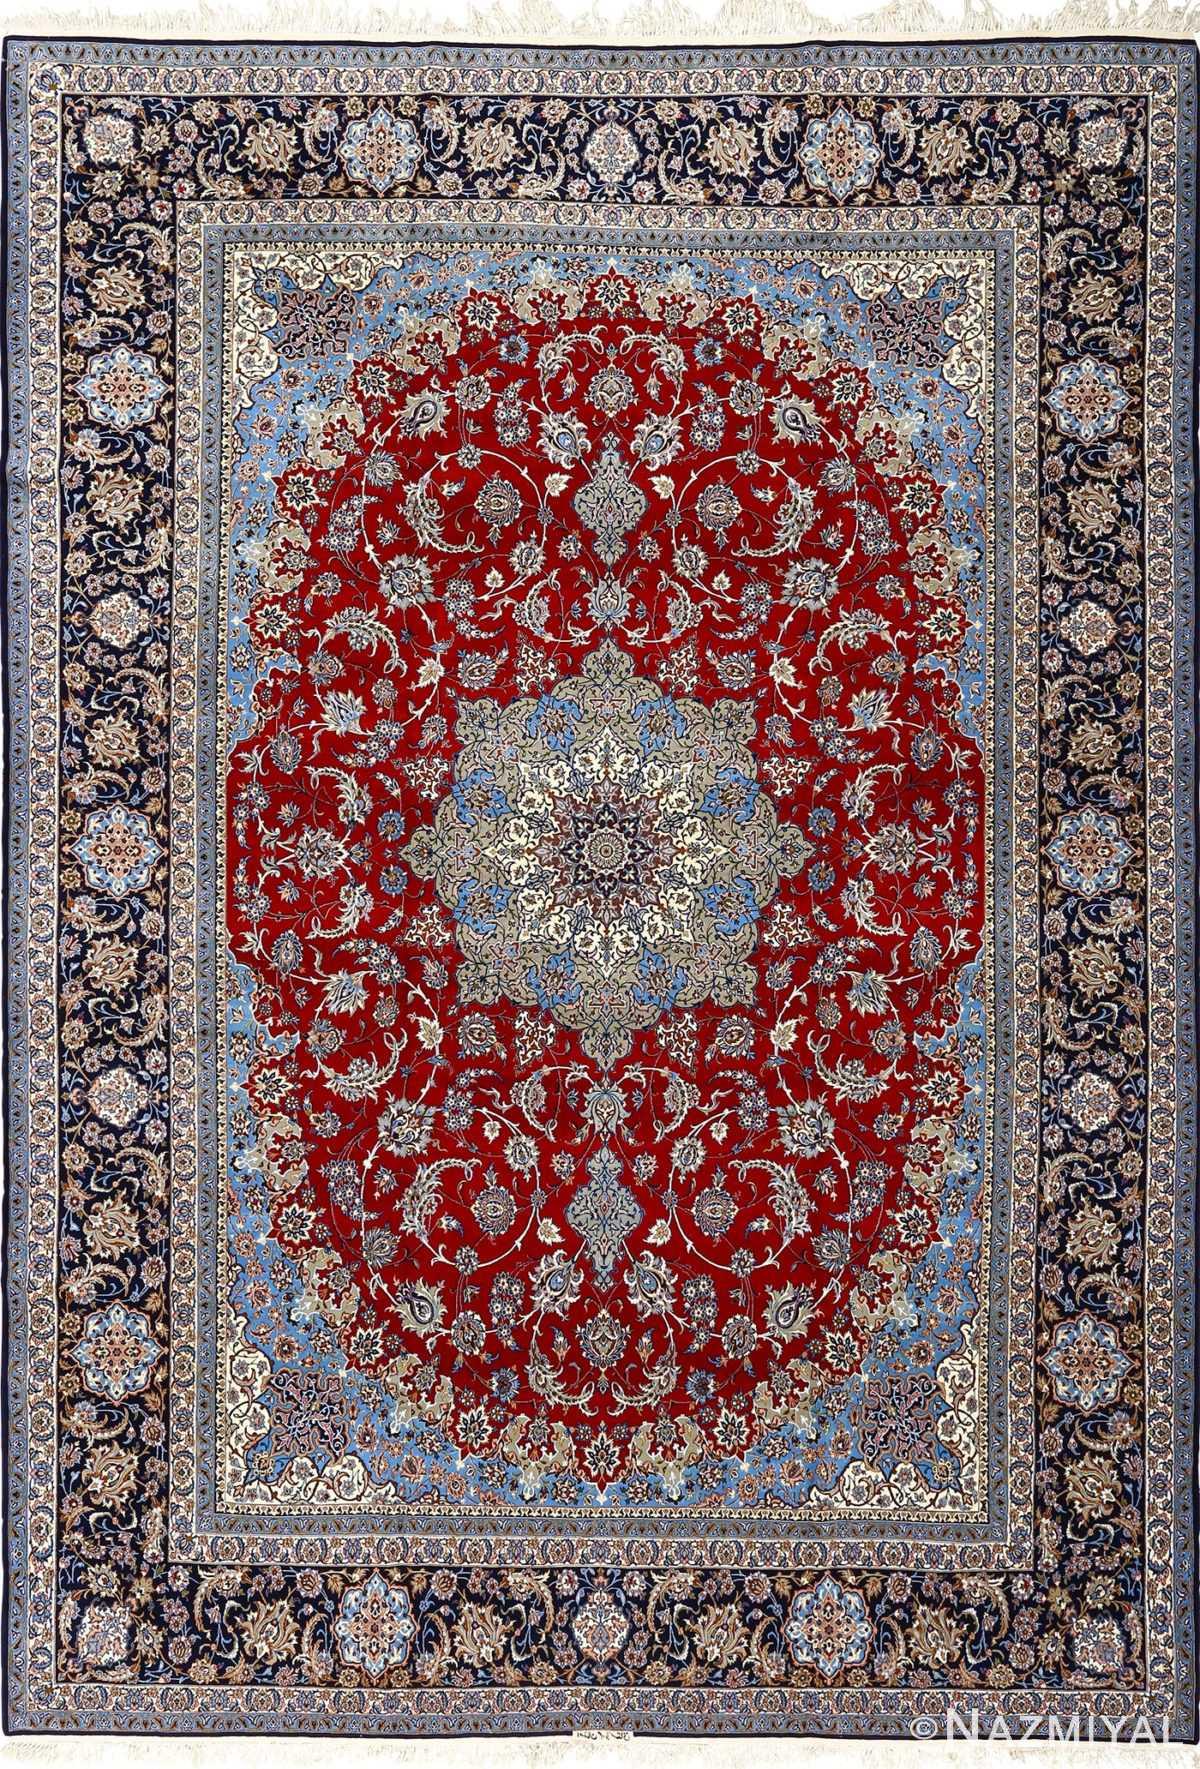 vintage red background isfahan persian rug 51090 Nazmiyal